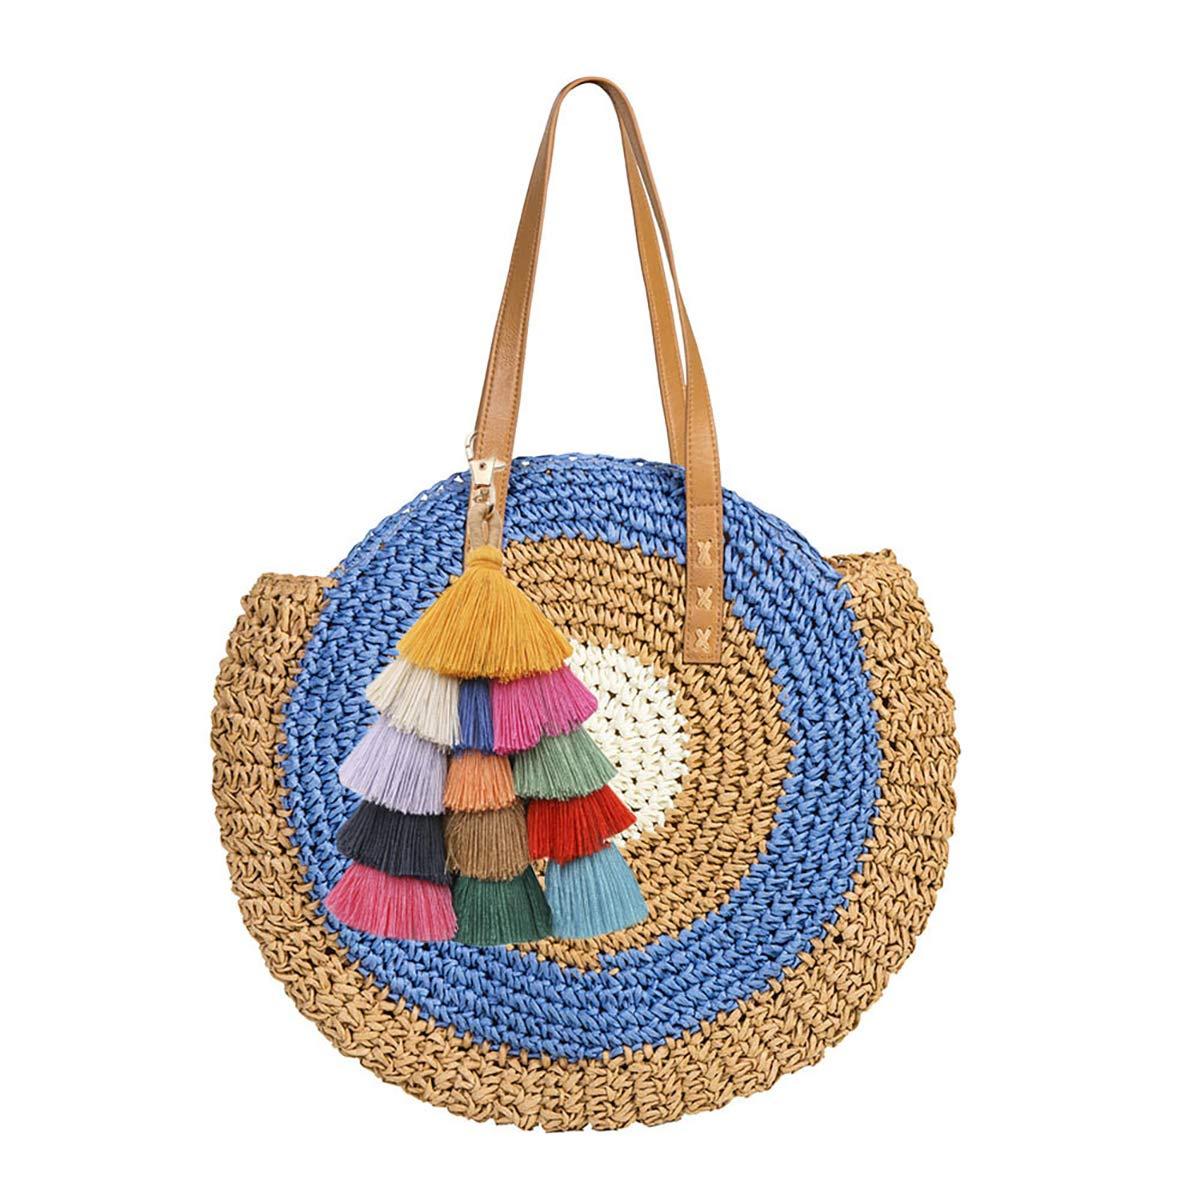 Bolso tejido de paja para mujer Bolso de playa de verano Bolso bandolera de cuero Bolso de paja grande con pomp/ón